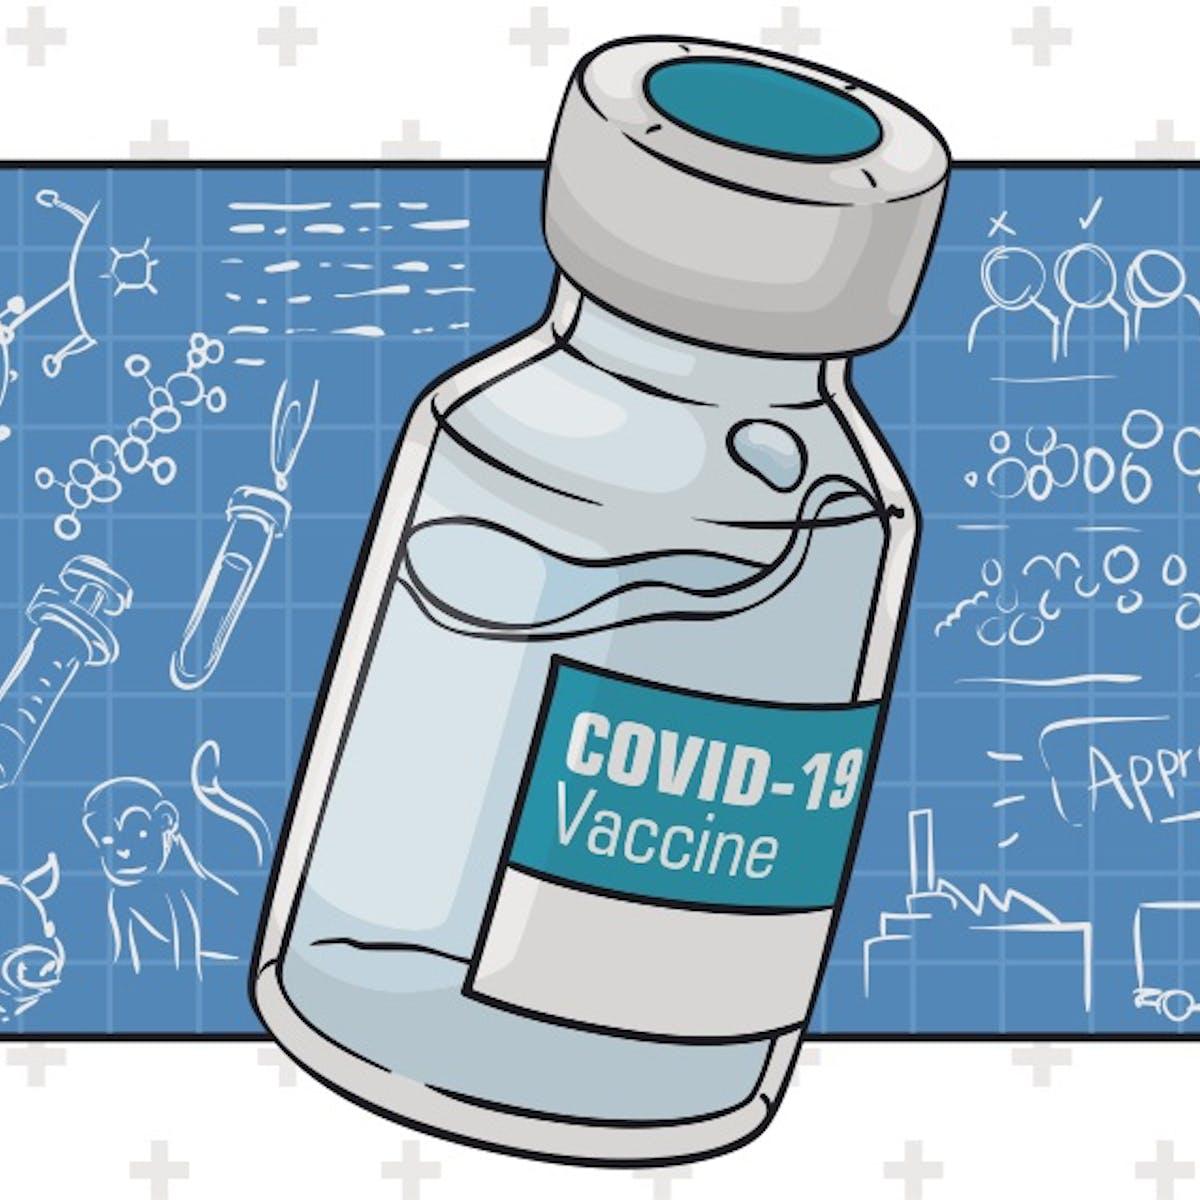 PRENOTAZIONE VACCINI COVID-19